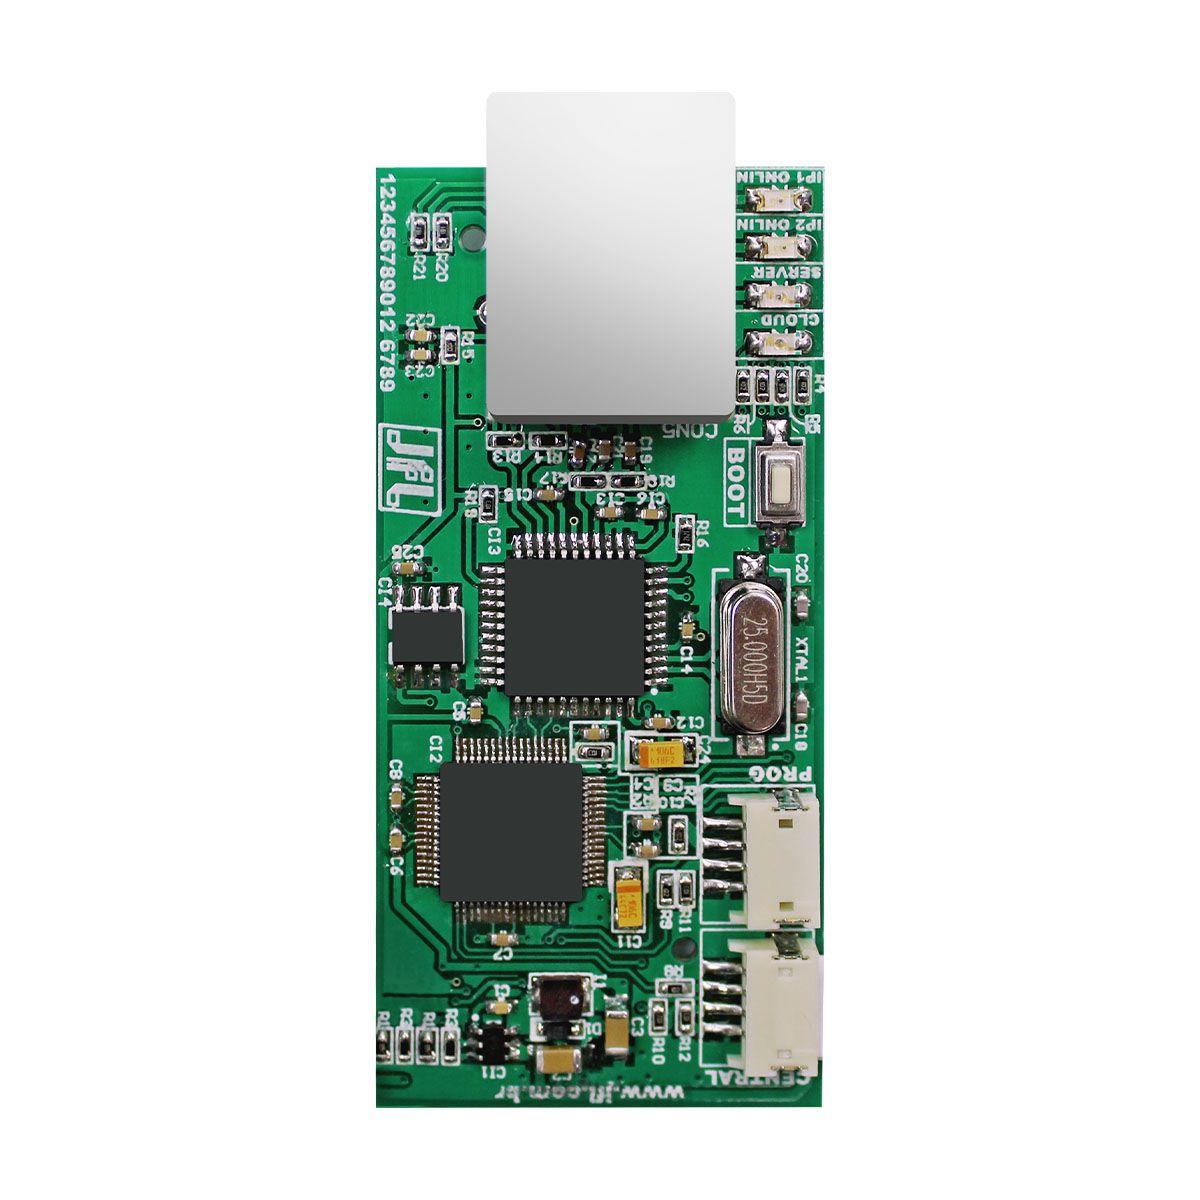 Kit Alarme Jfl SmartCloud 18 Sensores Jfl E Teclado De Senha